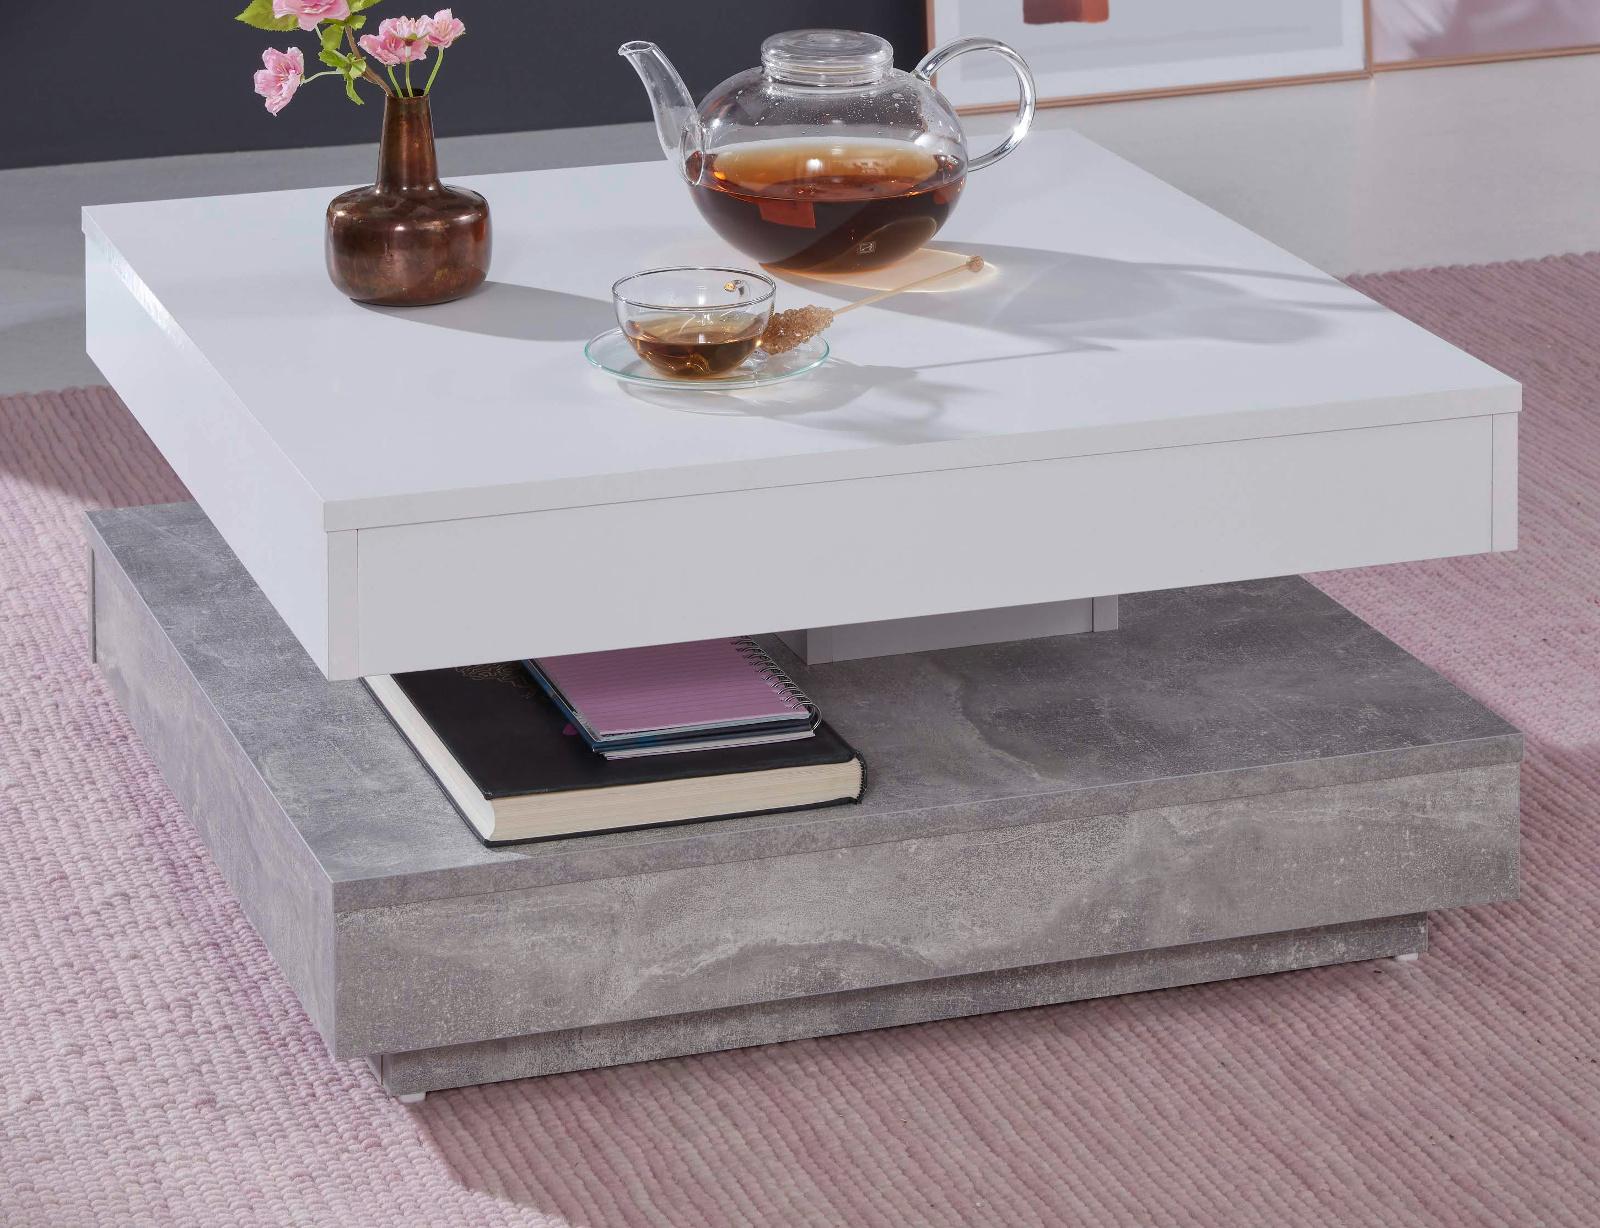 couchtisch wei stone grau drehbar quadratisch 70 cm. Black Bedroom Furniture Sets. Home Design Ideas